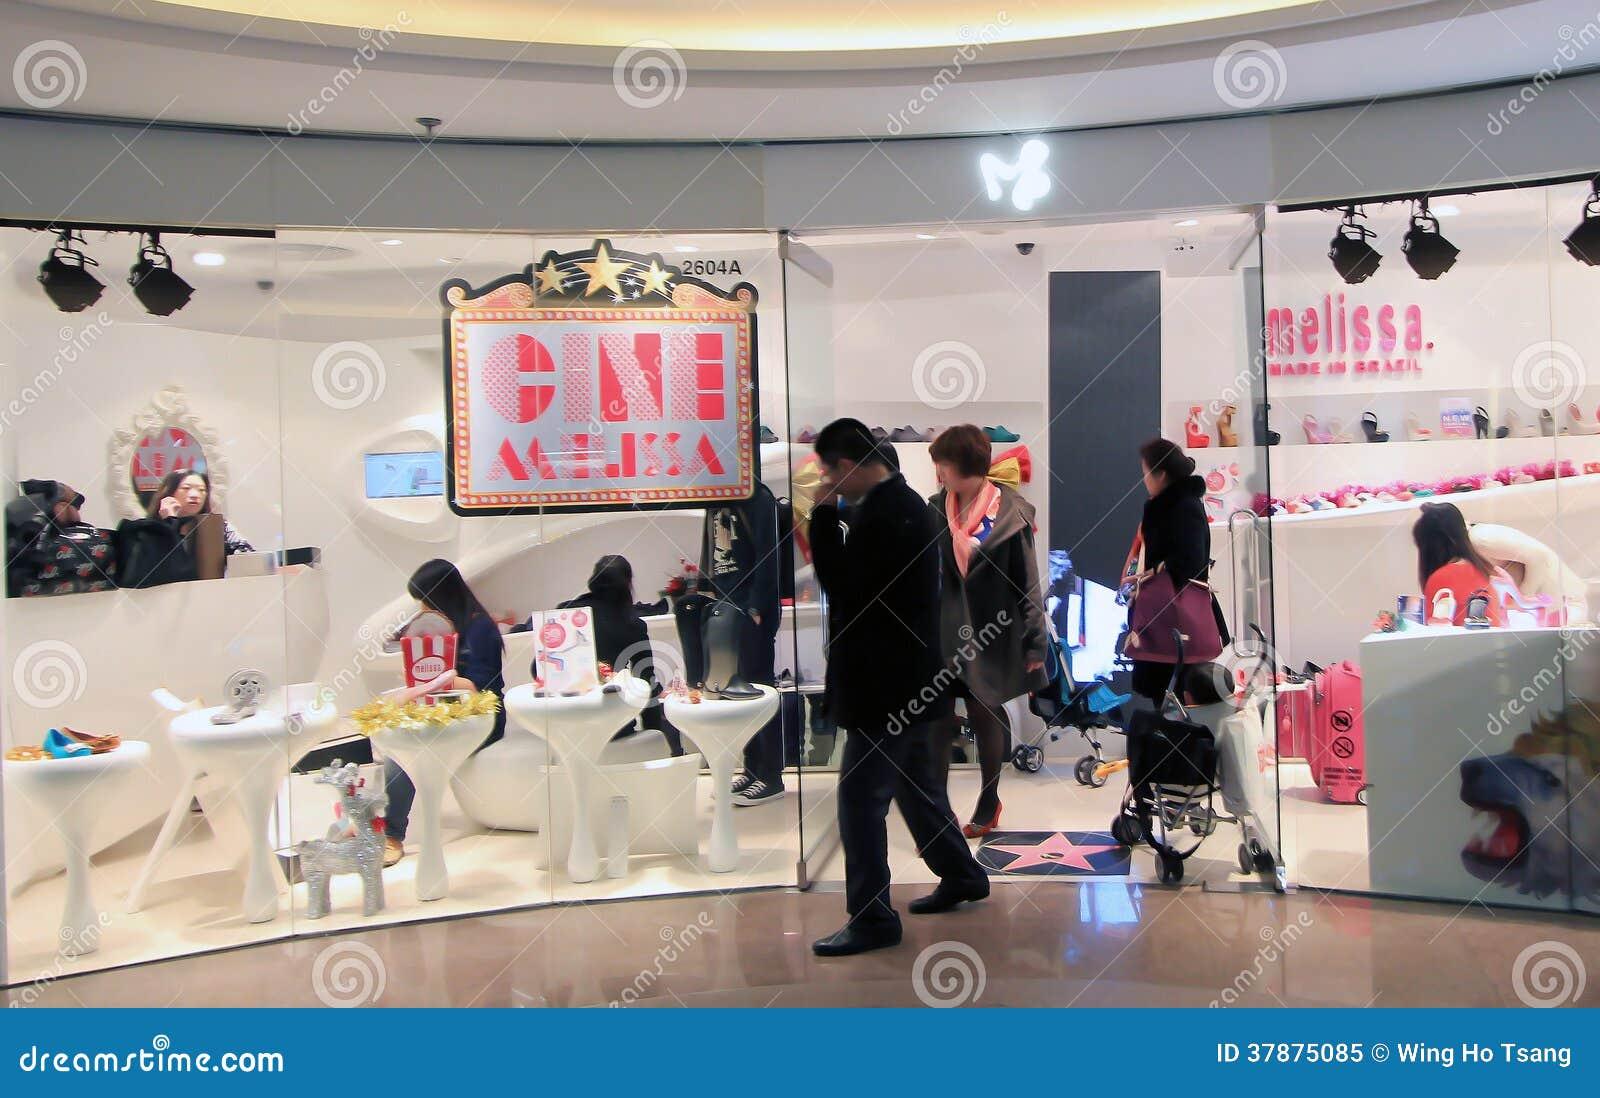 Ginemelissa winkel in Hongkong